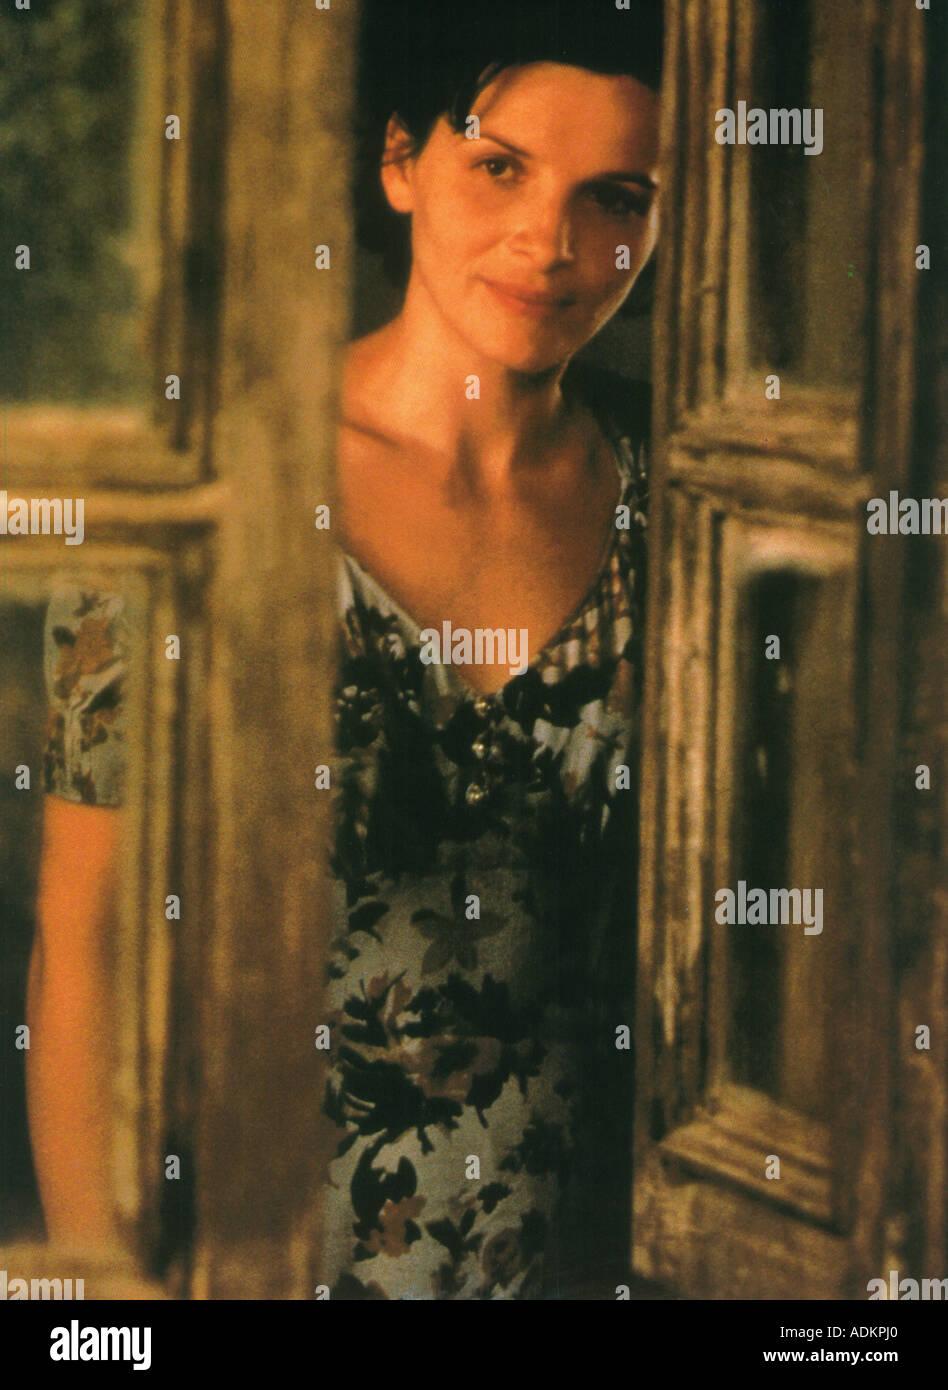 Il paziente inglese Juliette Binoche nel 1996 Buena Vista film Foto stock -  Alamy